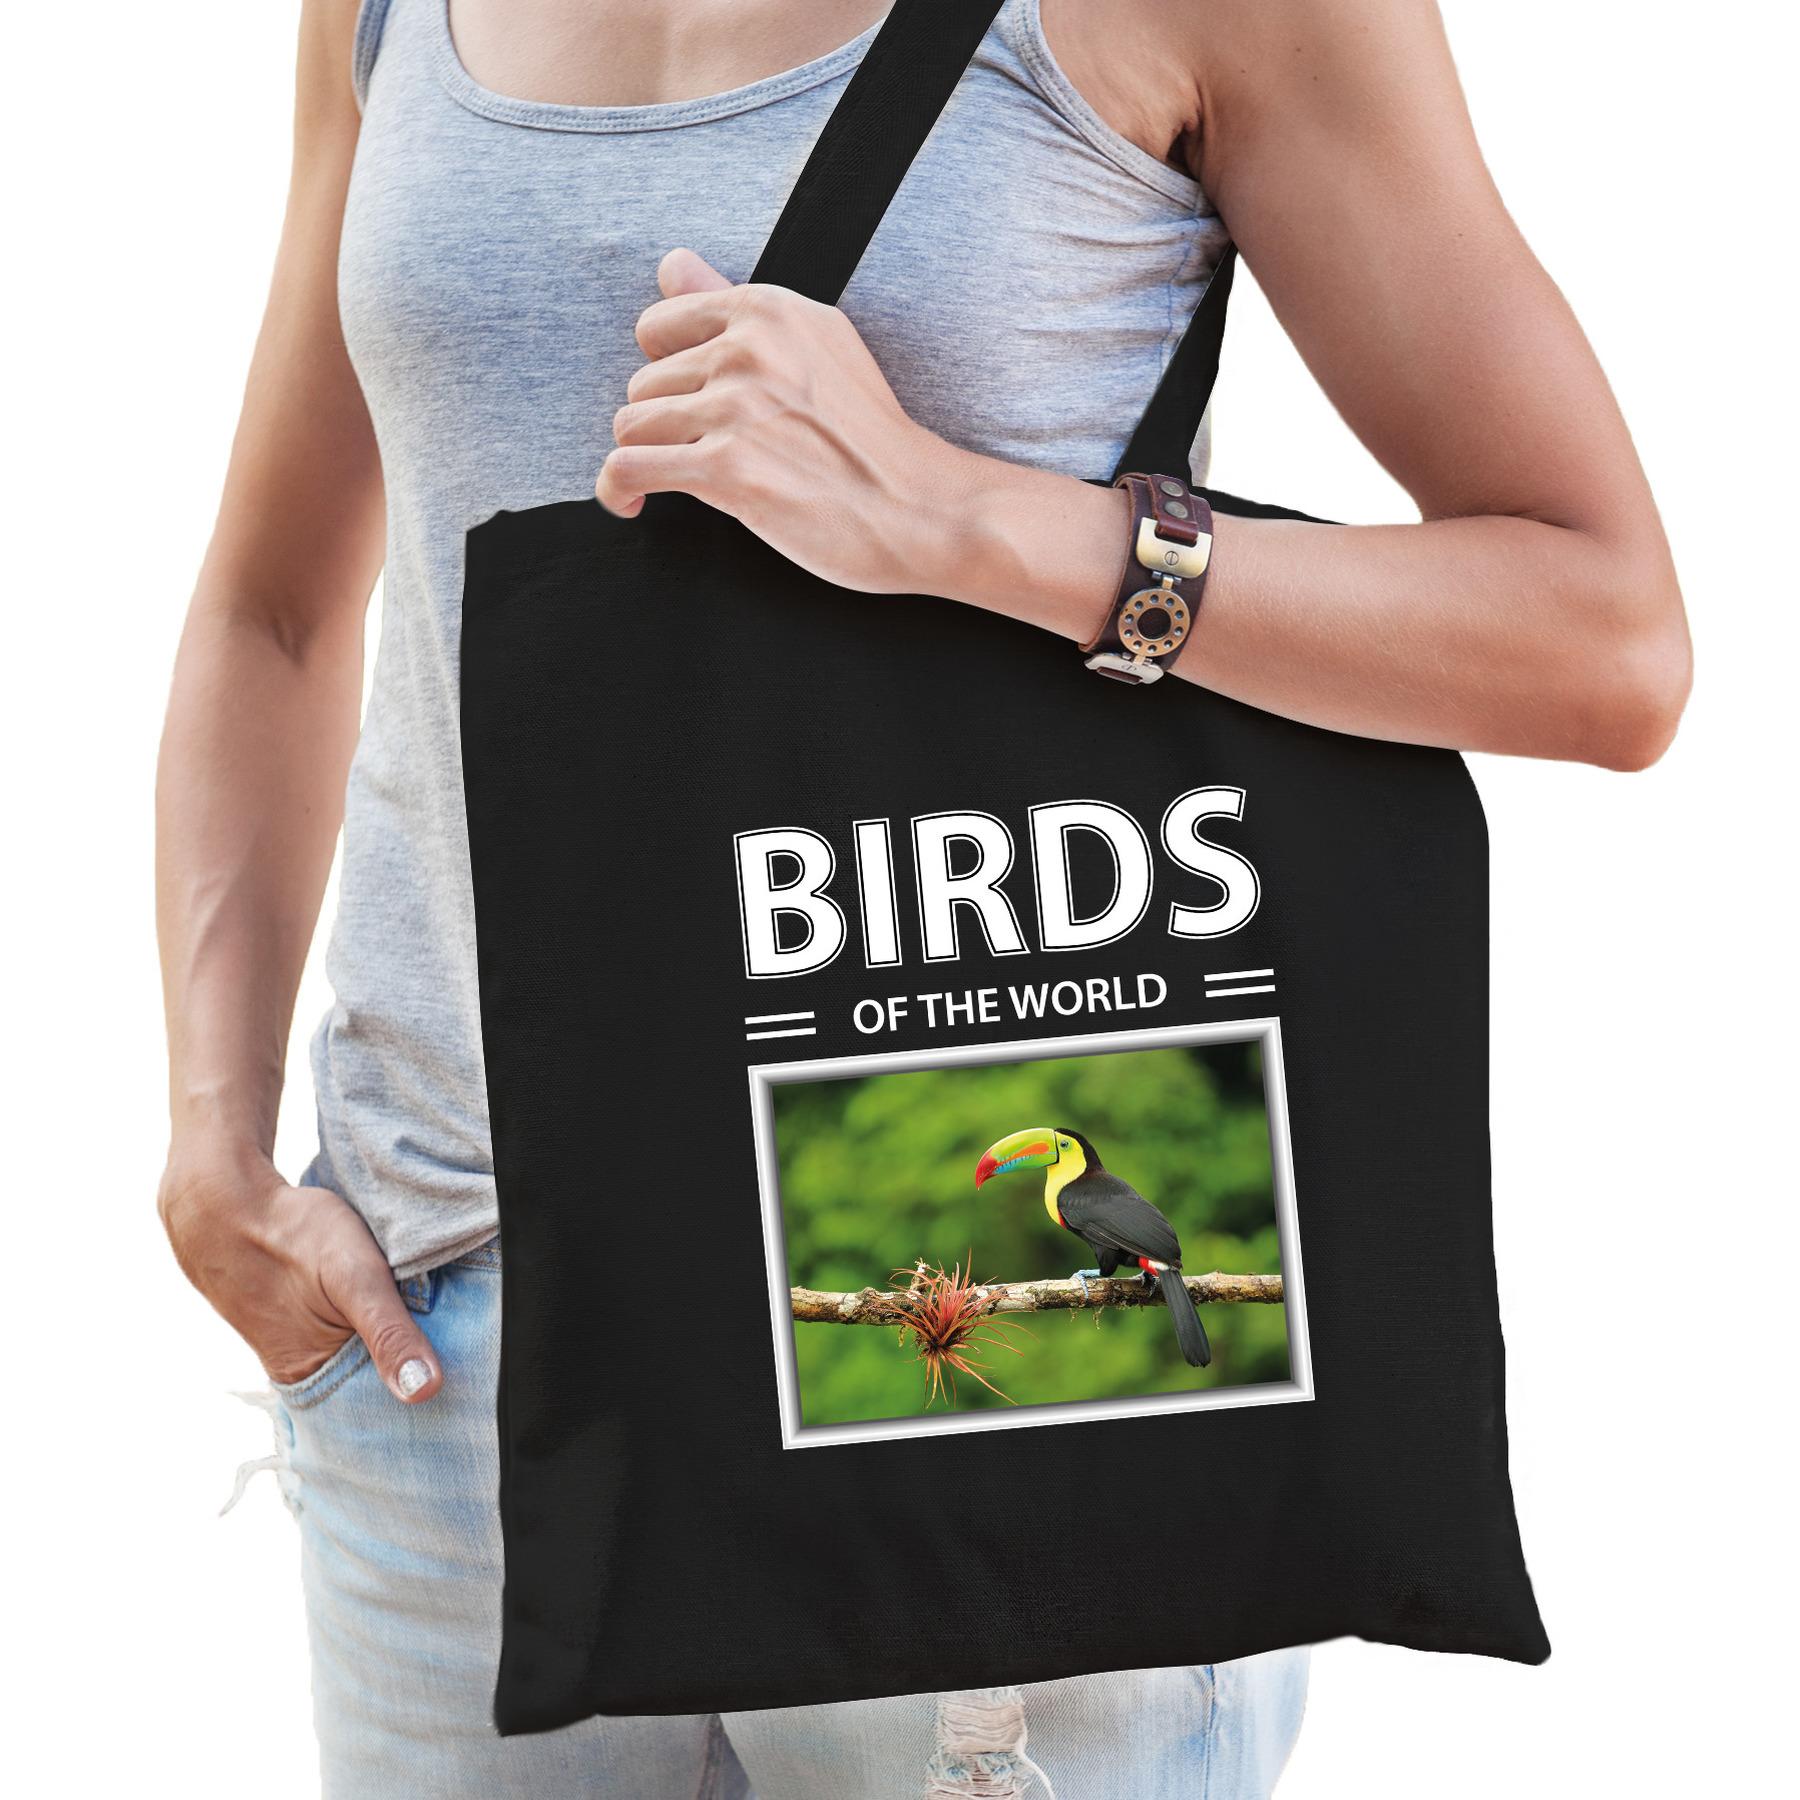 Katoenen tasje Toekans vogels zwart - birds of the world Toekan cadeau tas